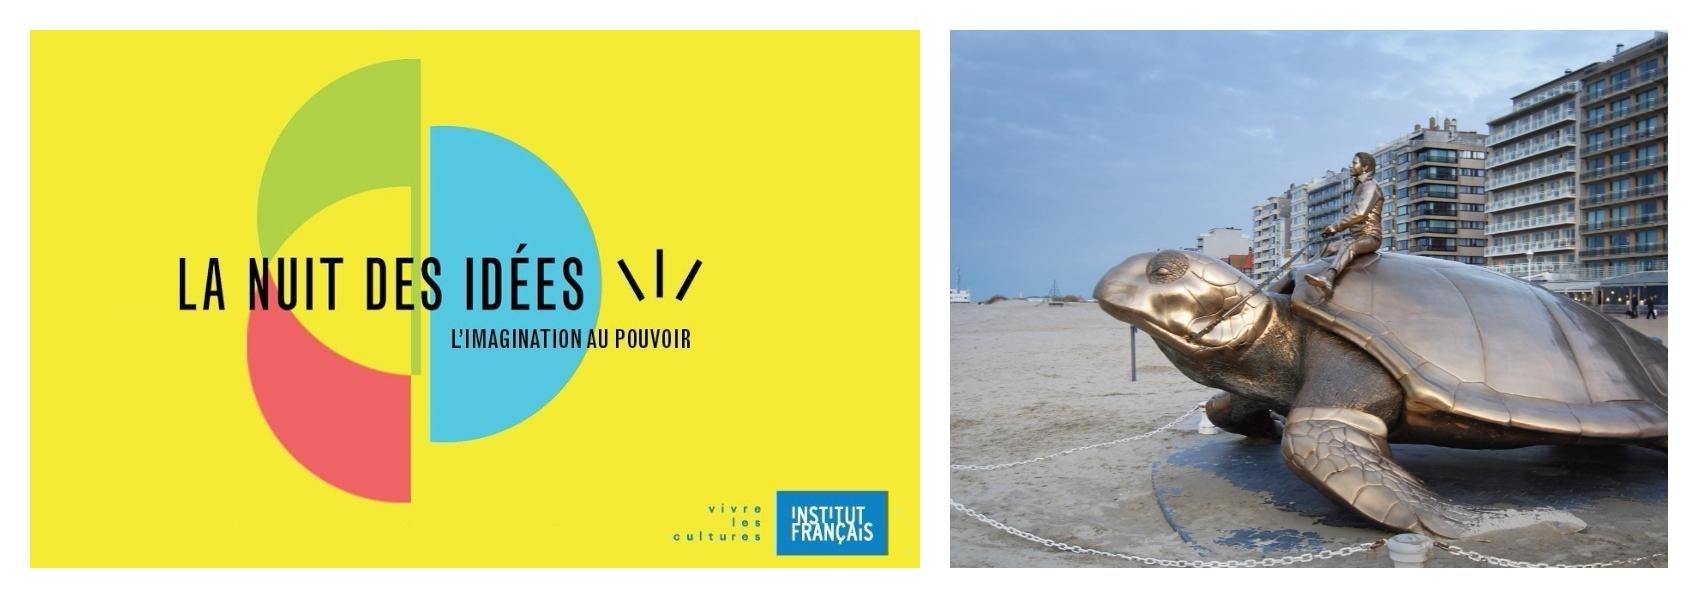 20180125-Nuit-des-Idees-article